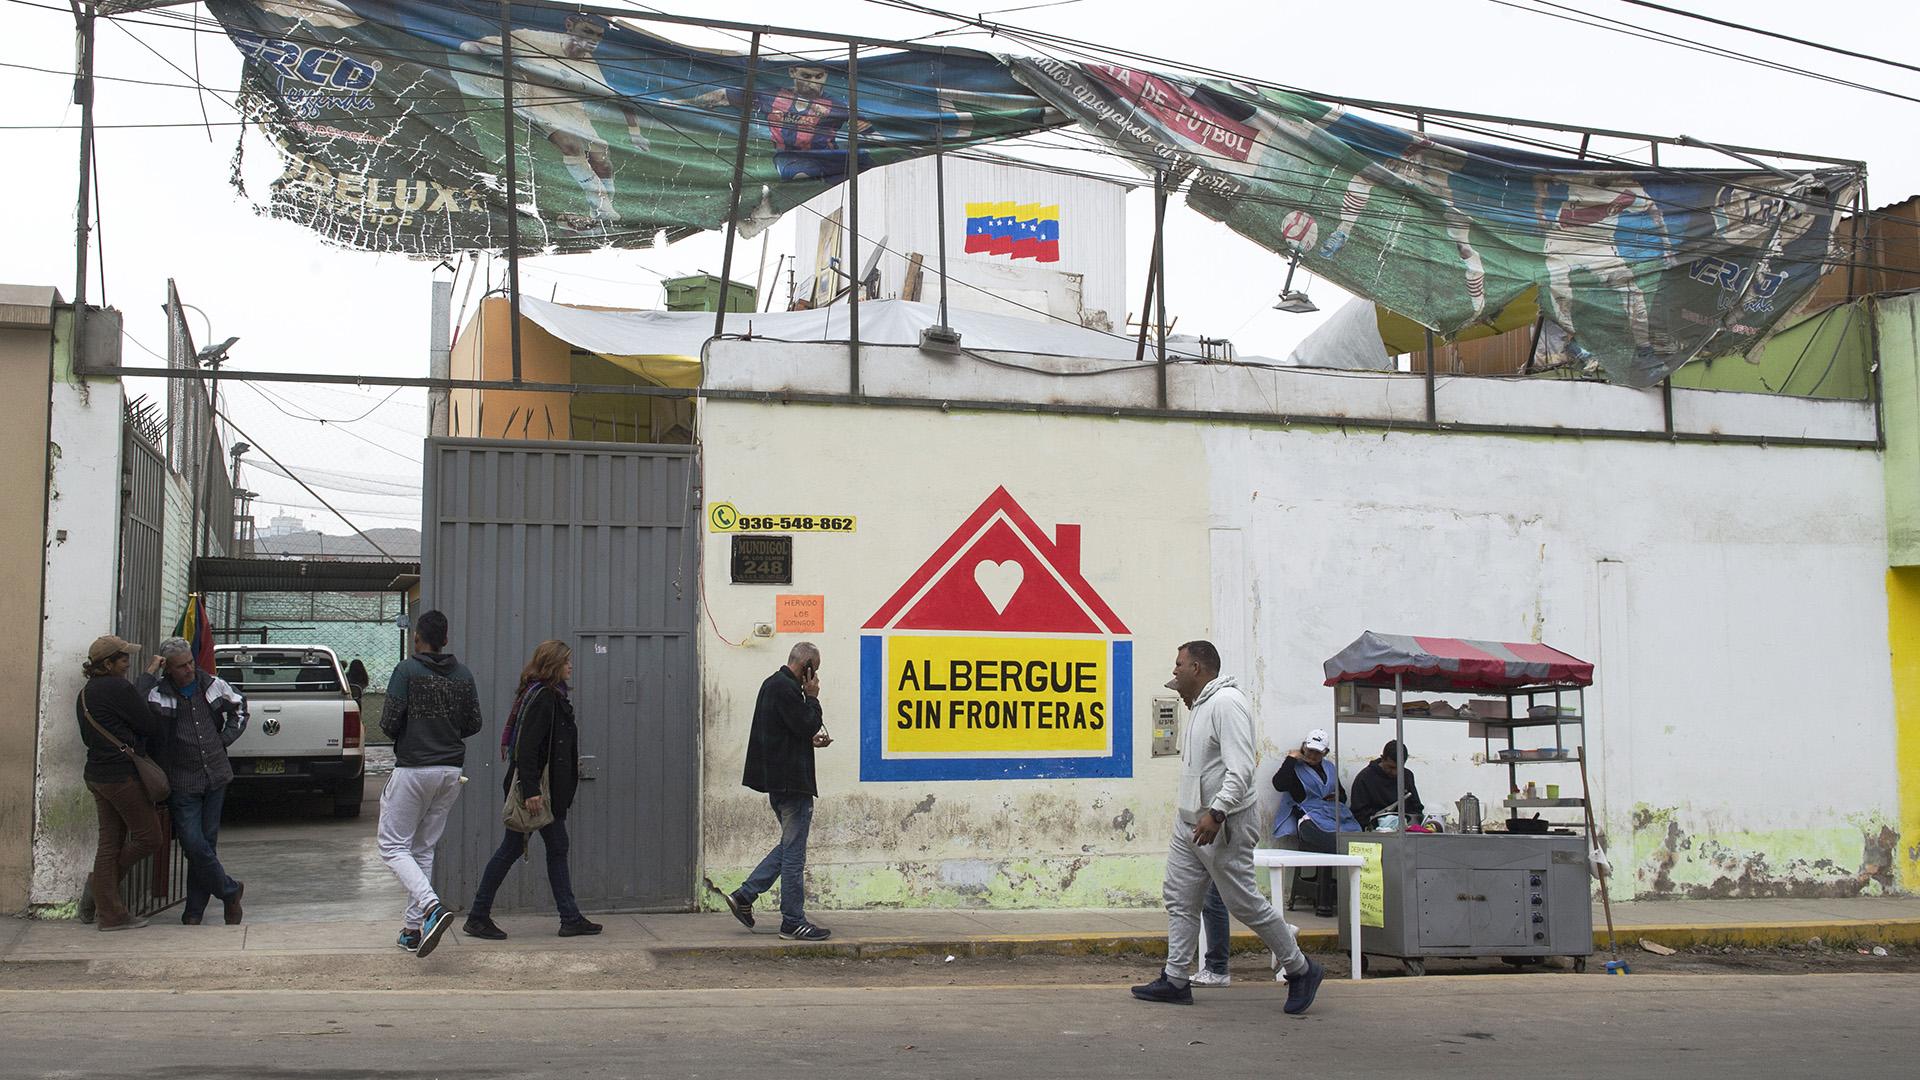 La casa, en cuya fachada fue pintada una bandera venezolana, tiene tres habitaciones, dos baños, una cocina, una sala y un patio con toldo